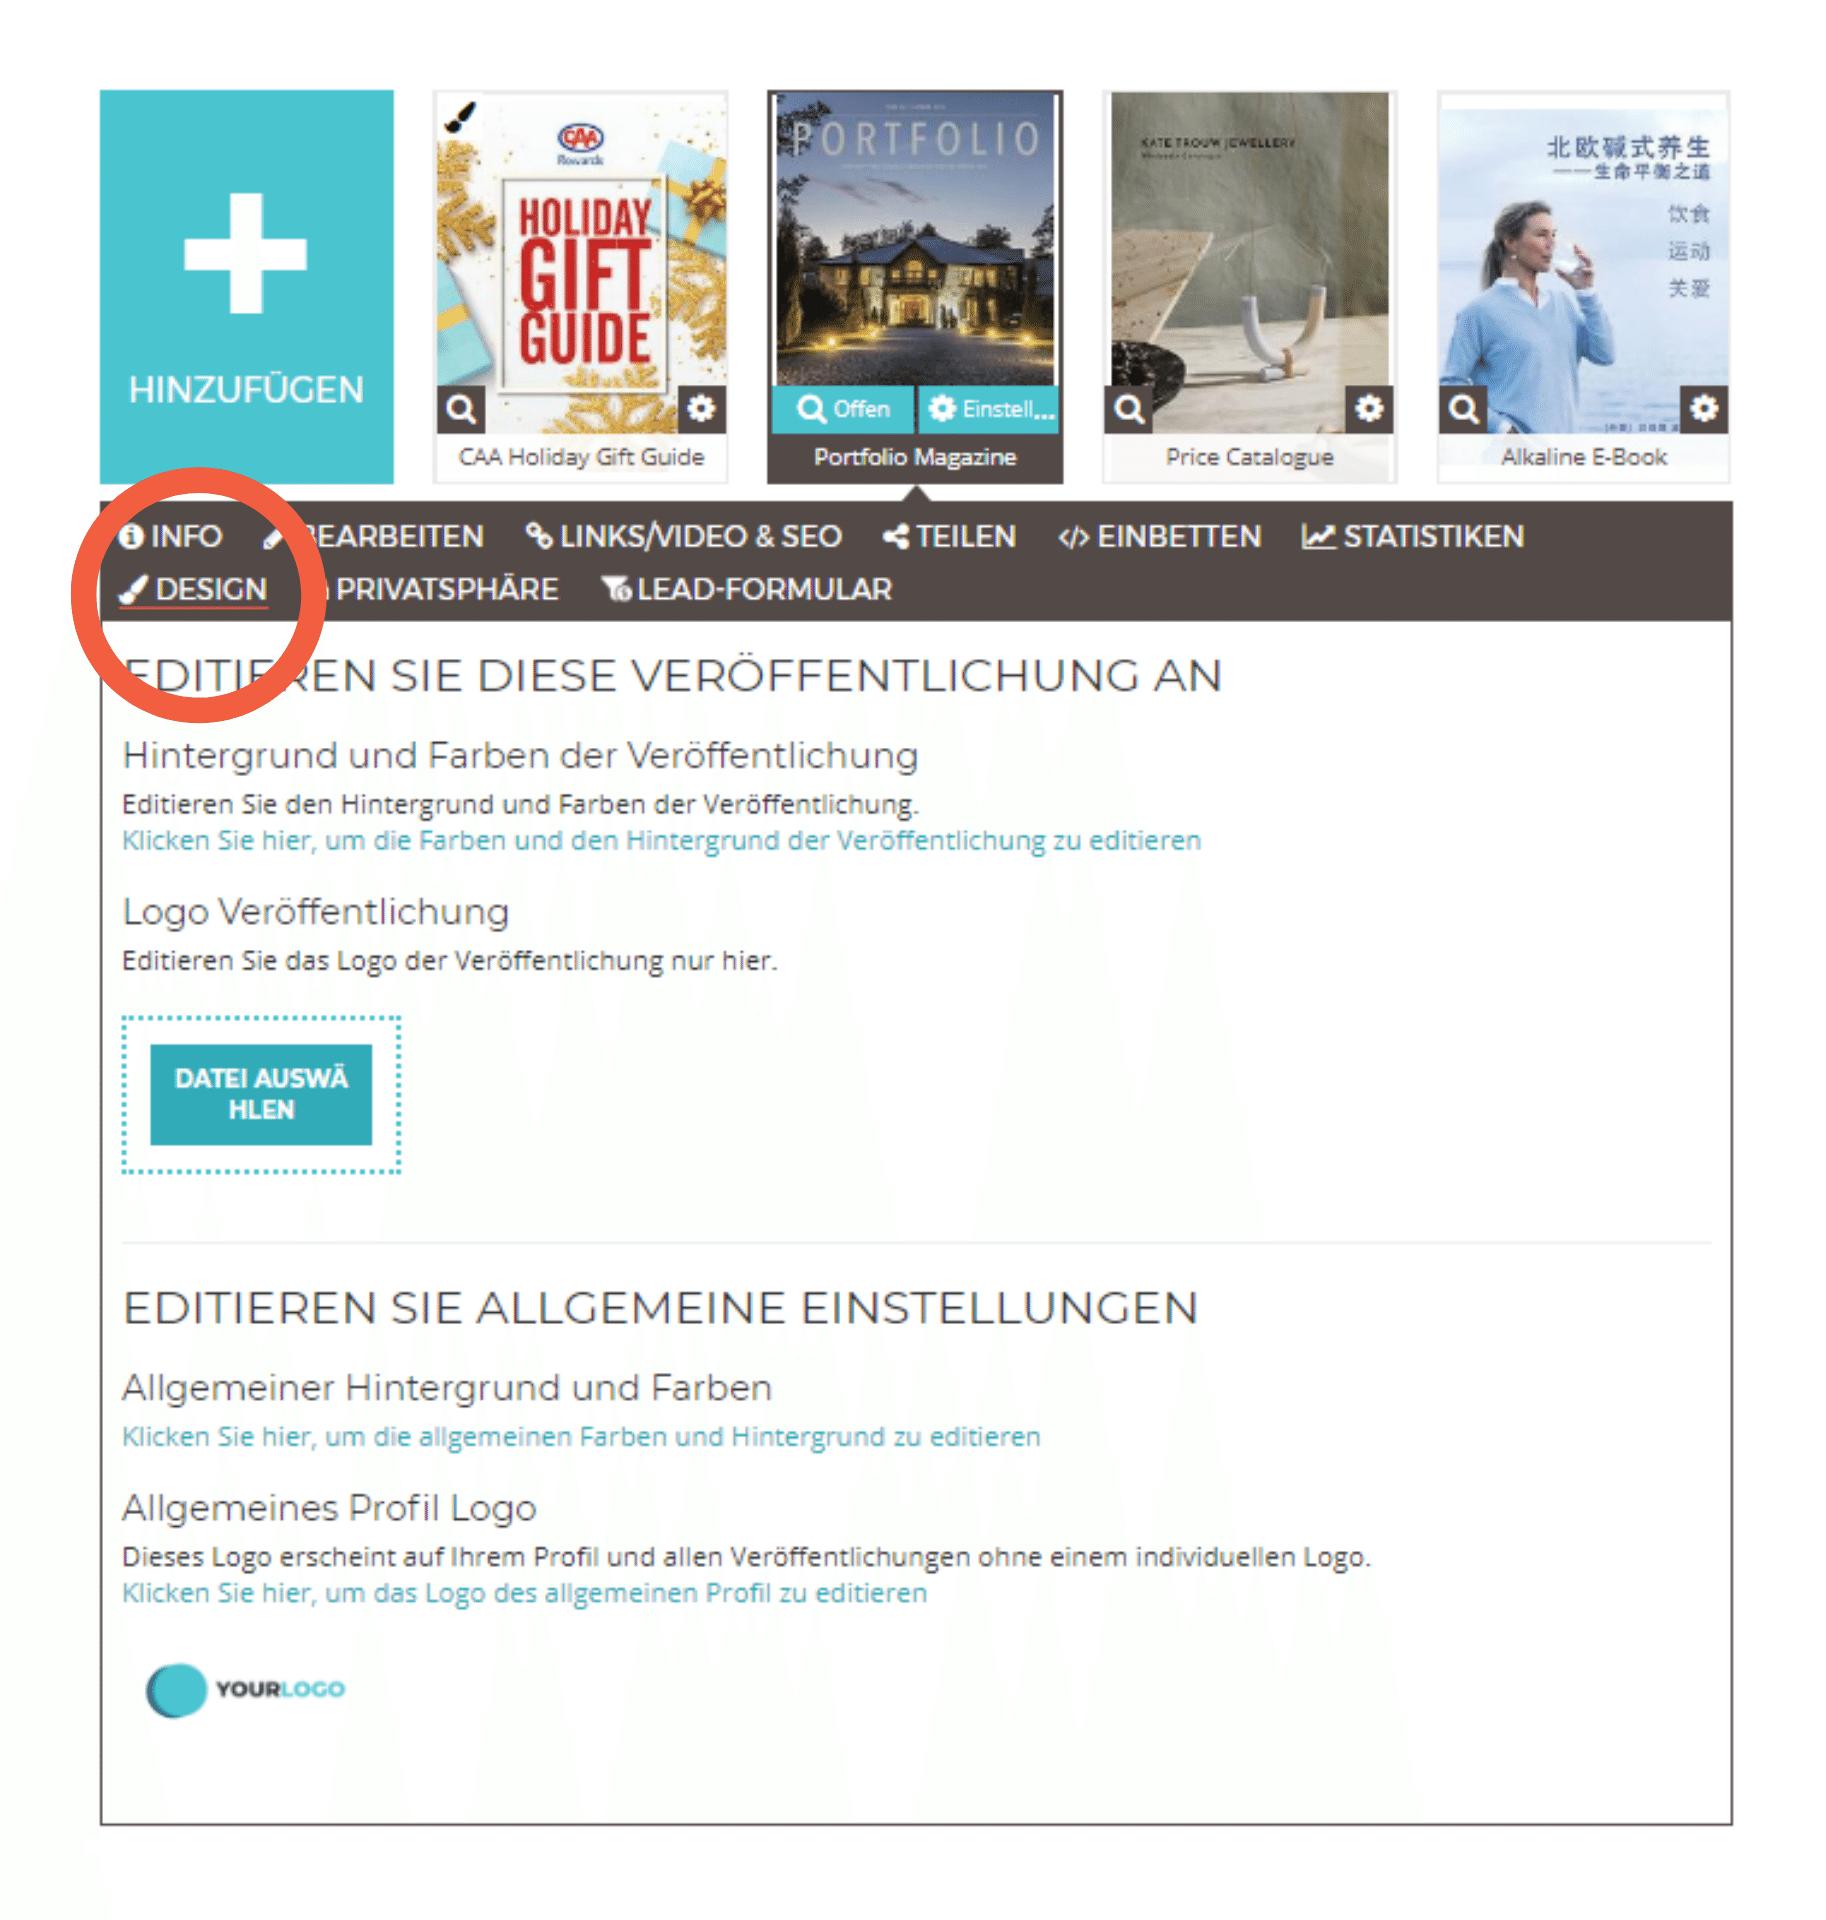 Design-Einstellungen des geöffneten Flipbooks